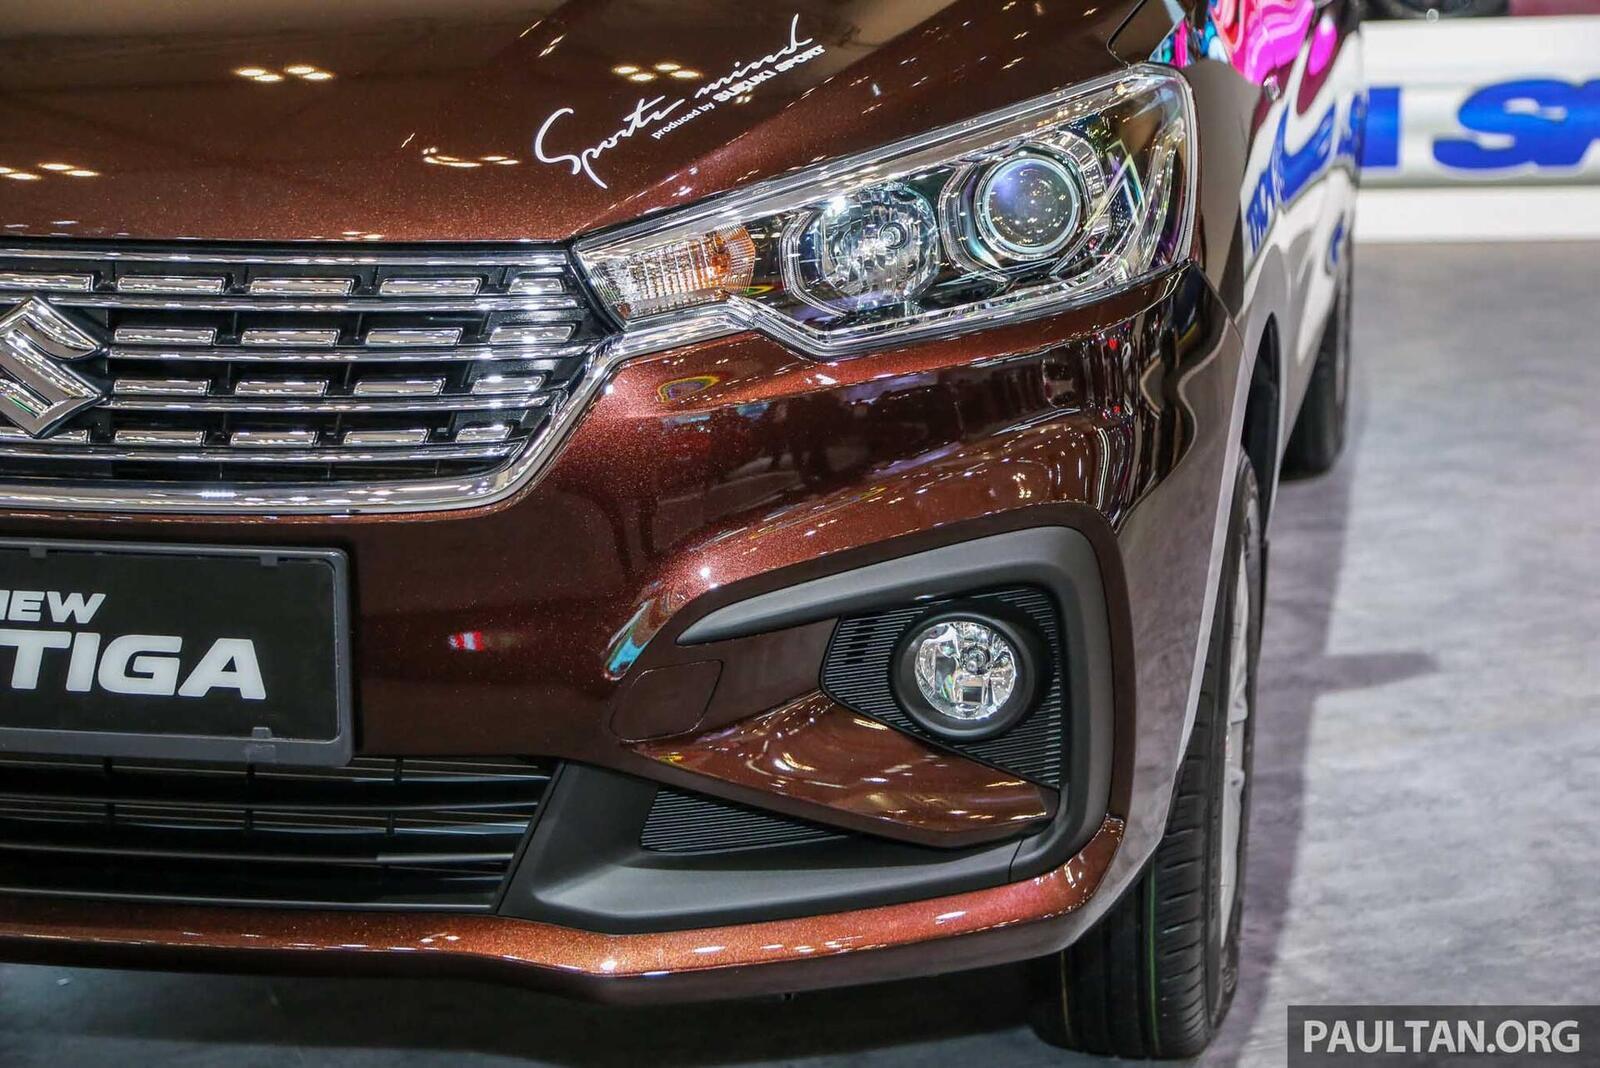 Suzuki Ertiga thế hệ sẽ về Việt Nam trong năm nay; cạnh tranh với Rush và Xpander - Hình 3